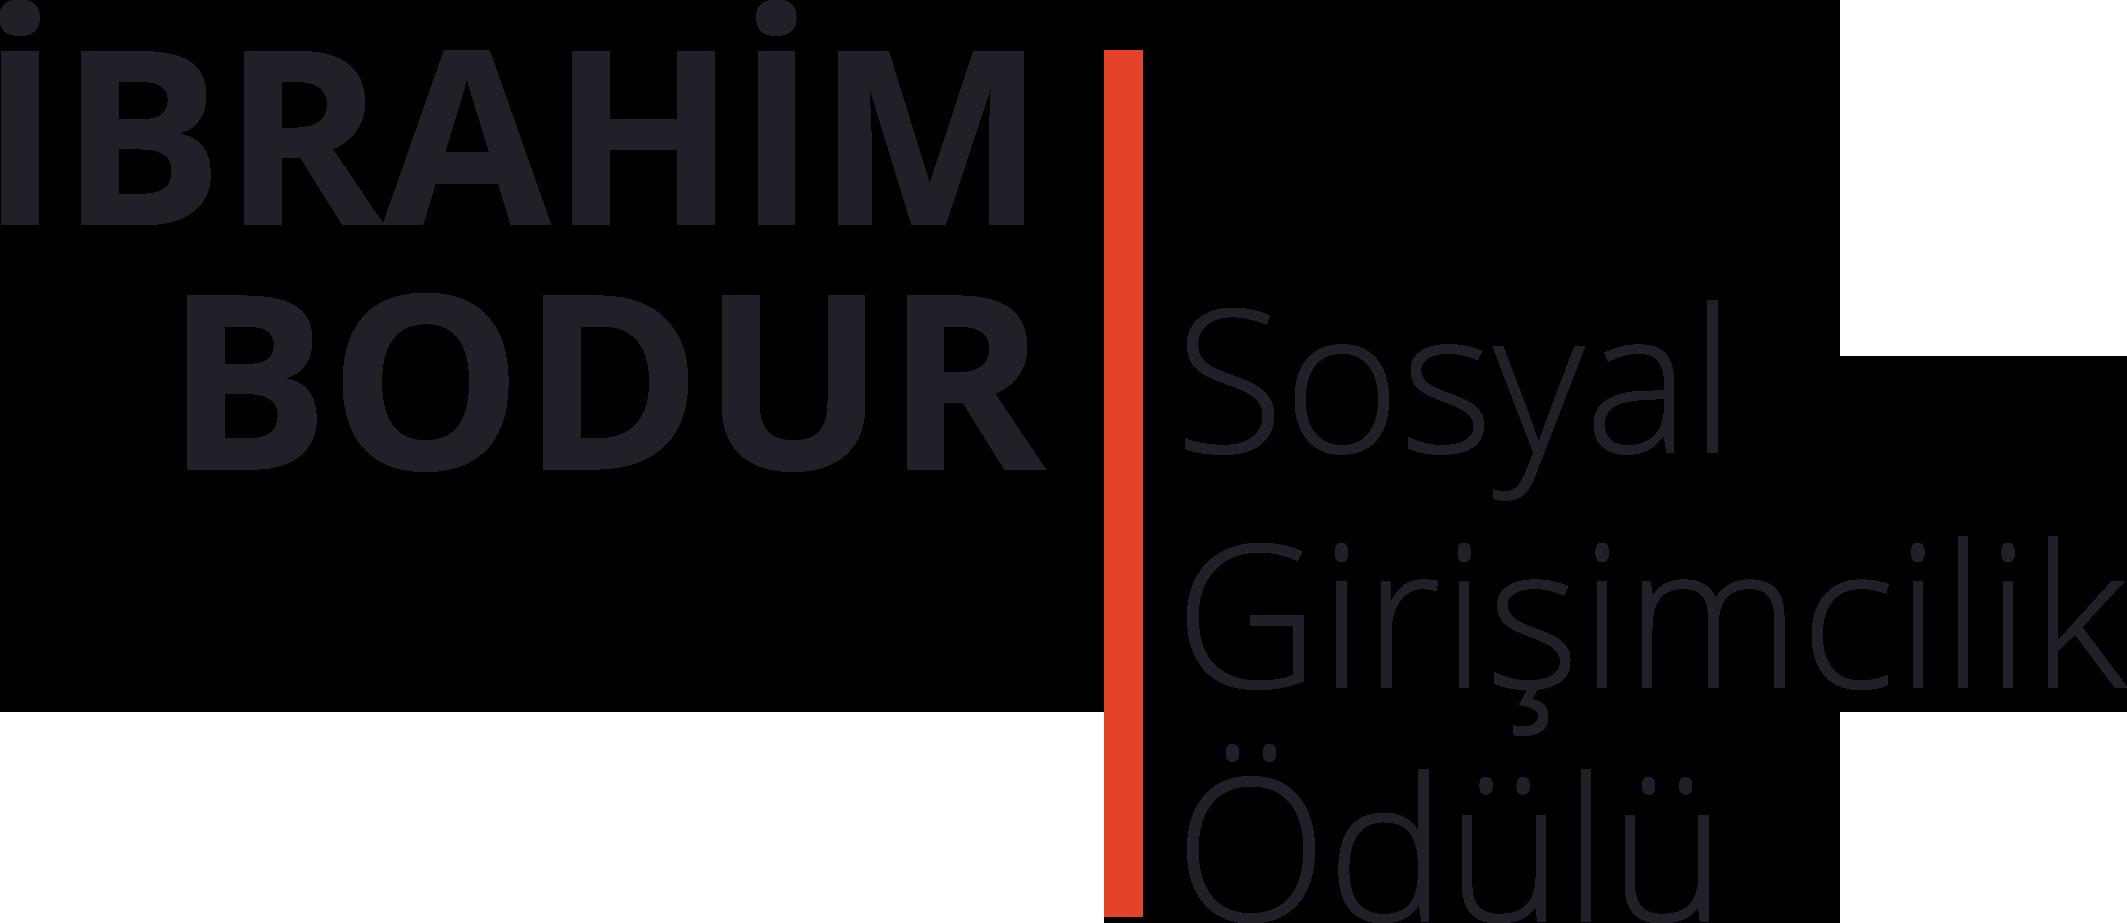 İbrahim Bodur Sosyal Girişimcilik Ödülleri